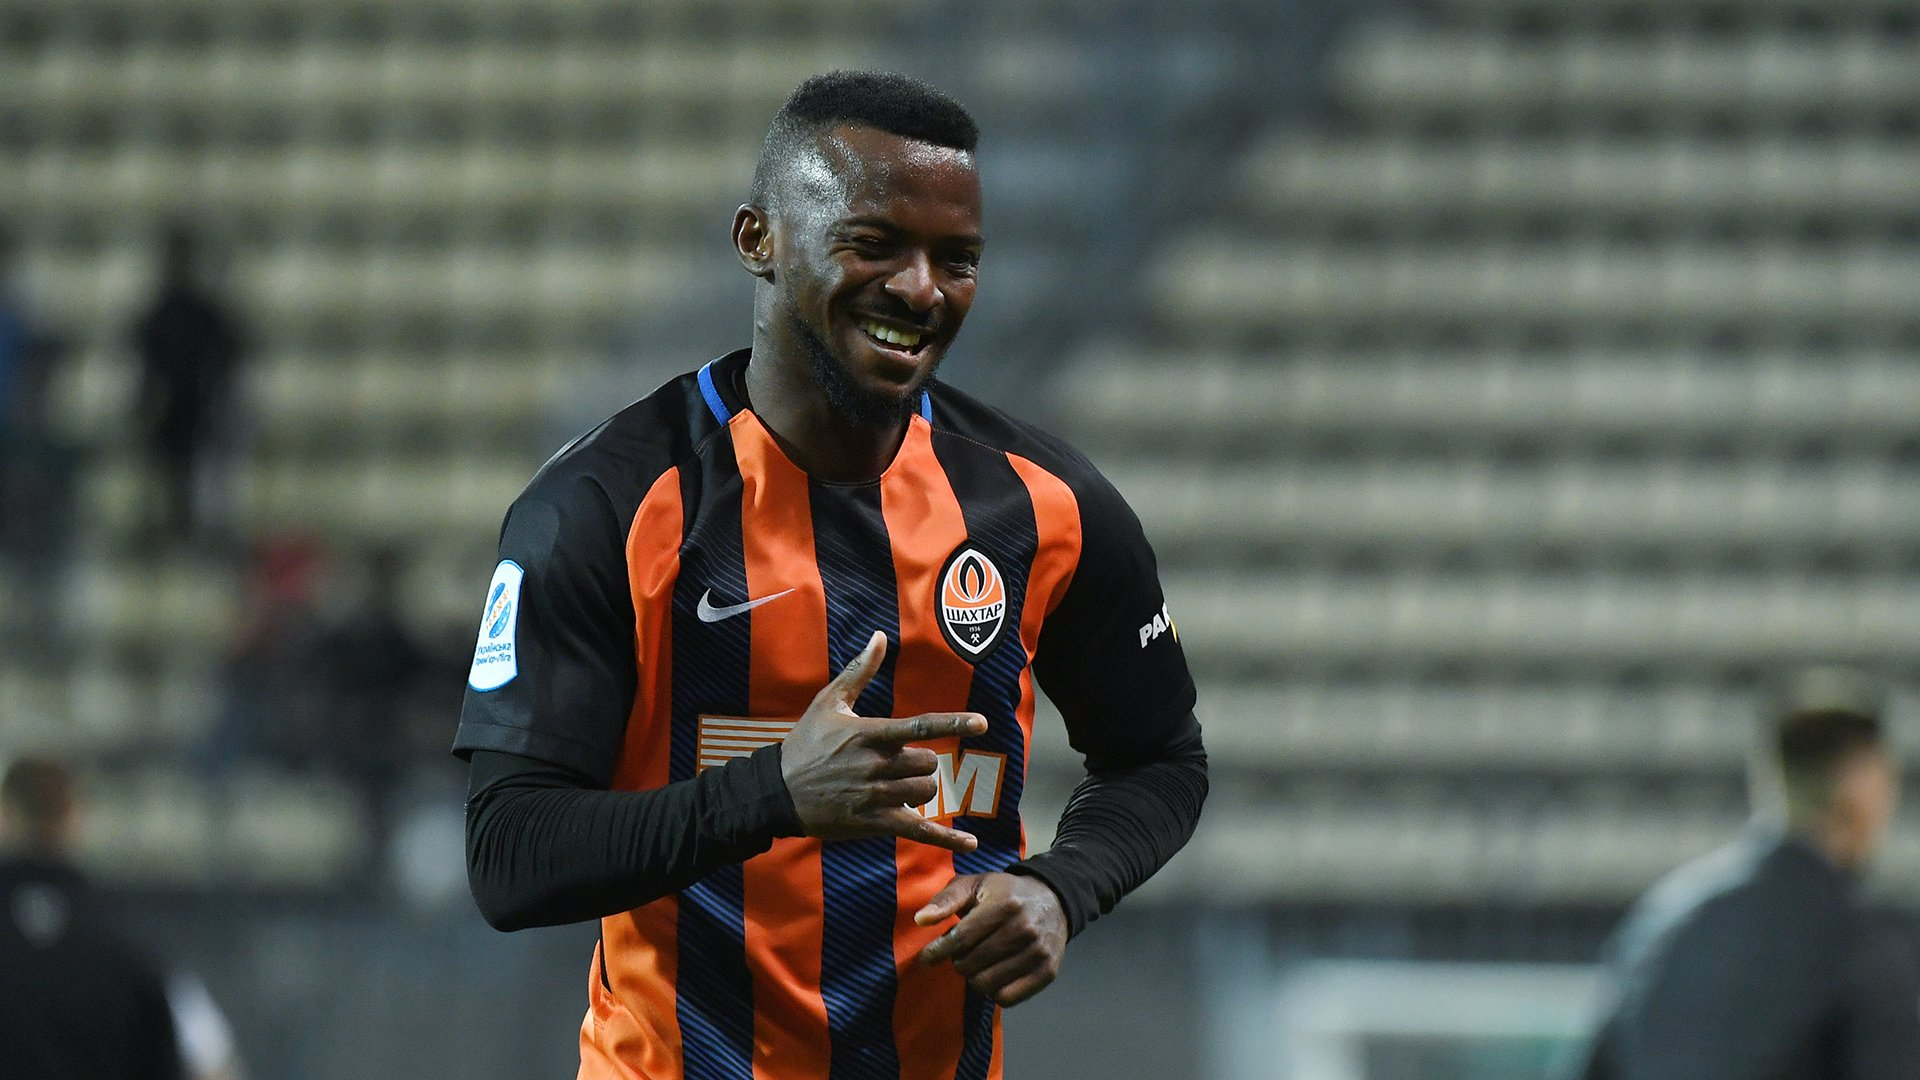 Olarenwaju Kayode shrugs off injury, back in training with Shakhtar Donetsk